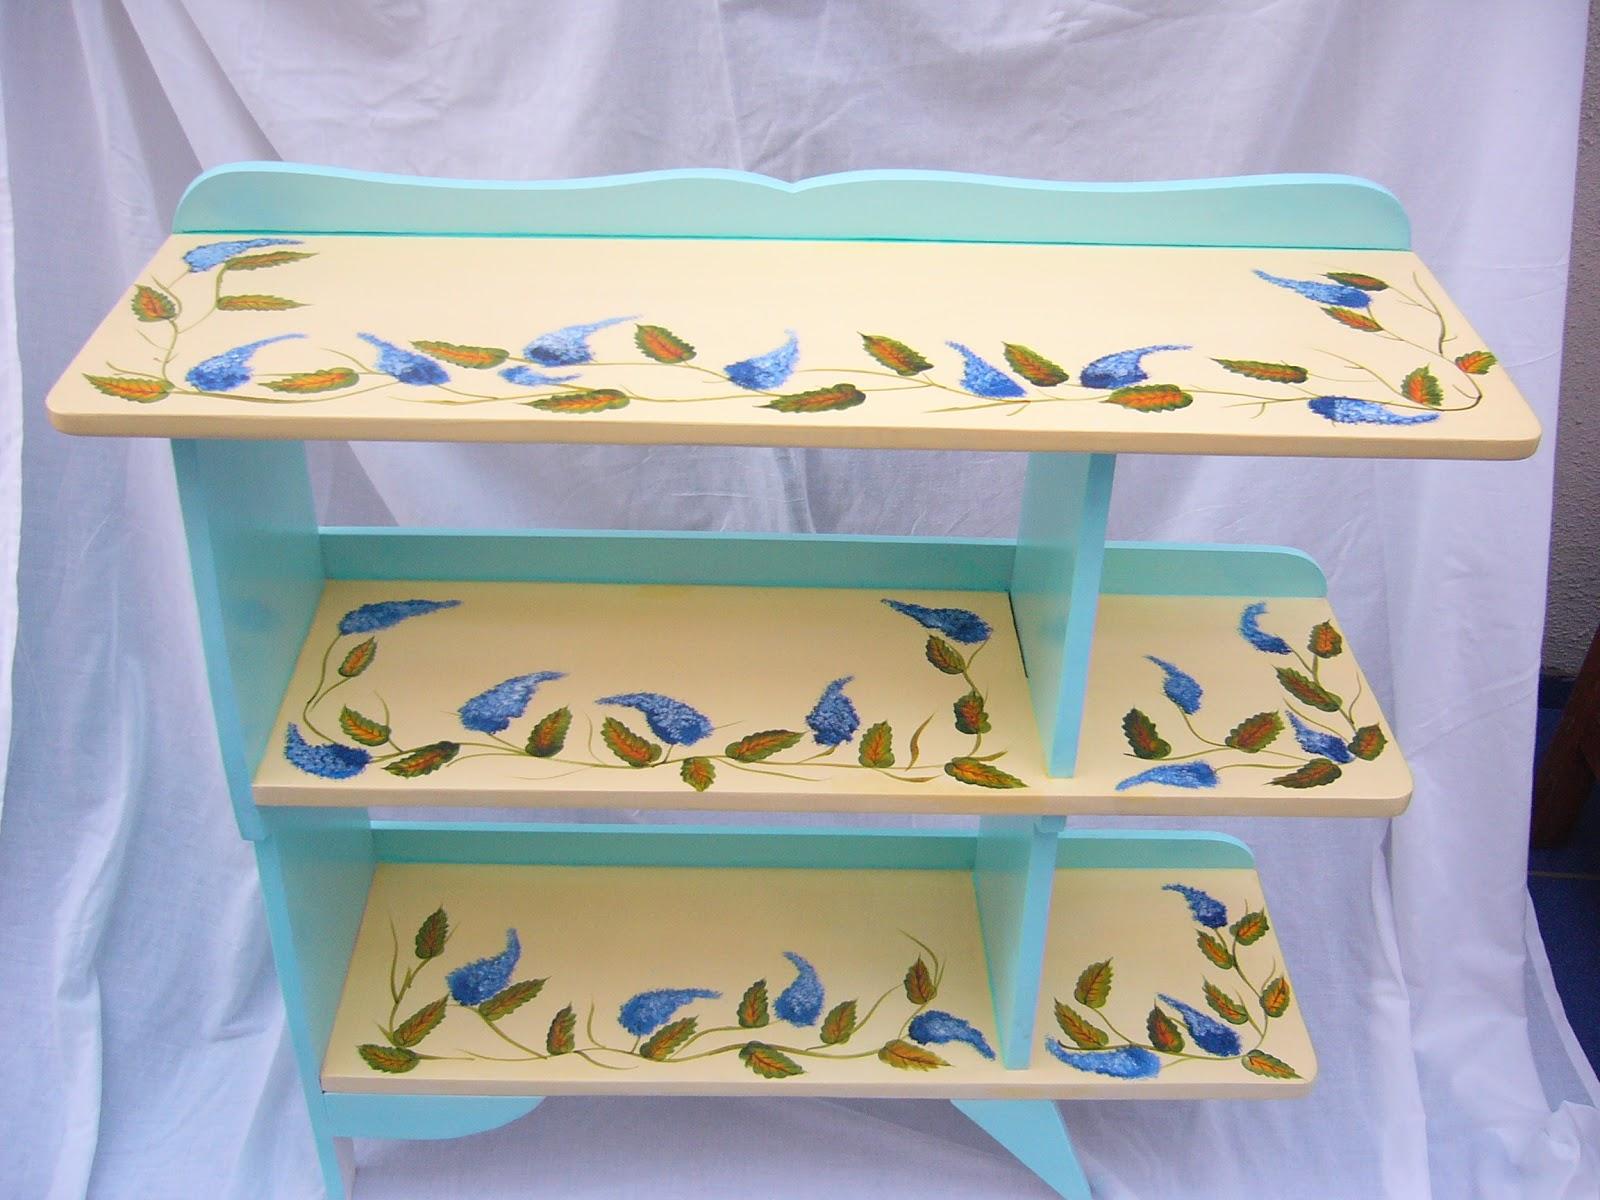 muebles de madera infantiles muebles infantiles decoracin para nios juguetes de madera y